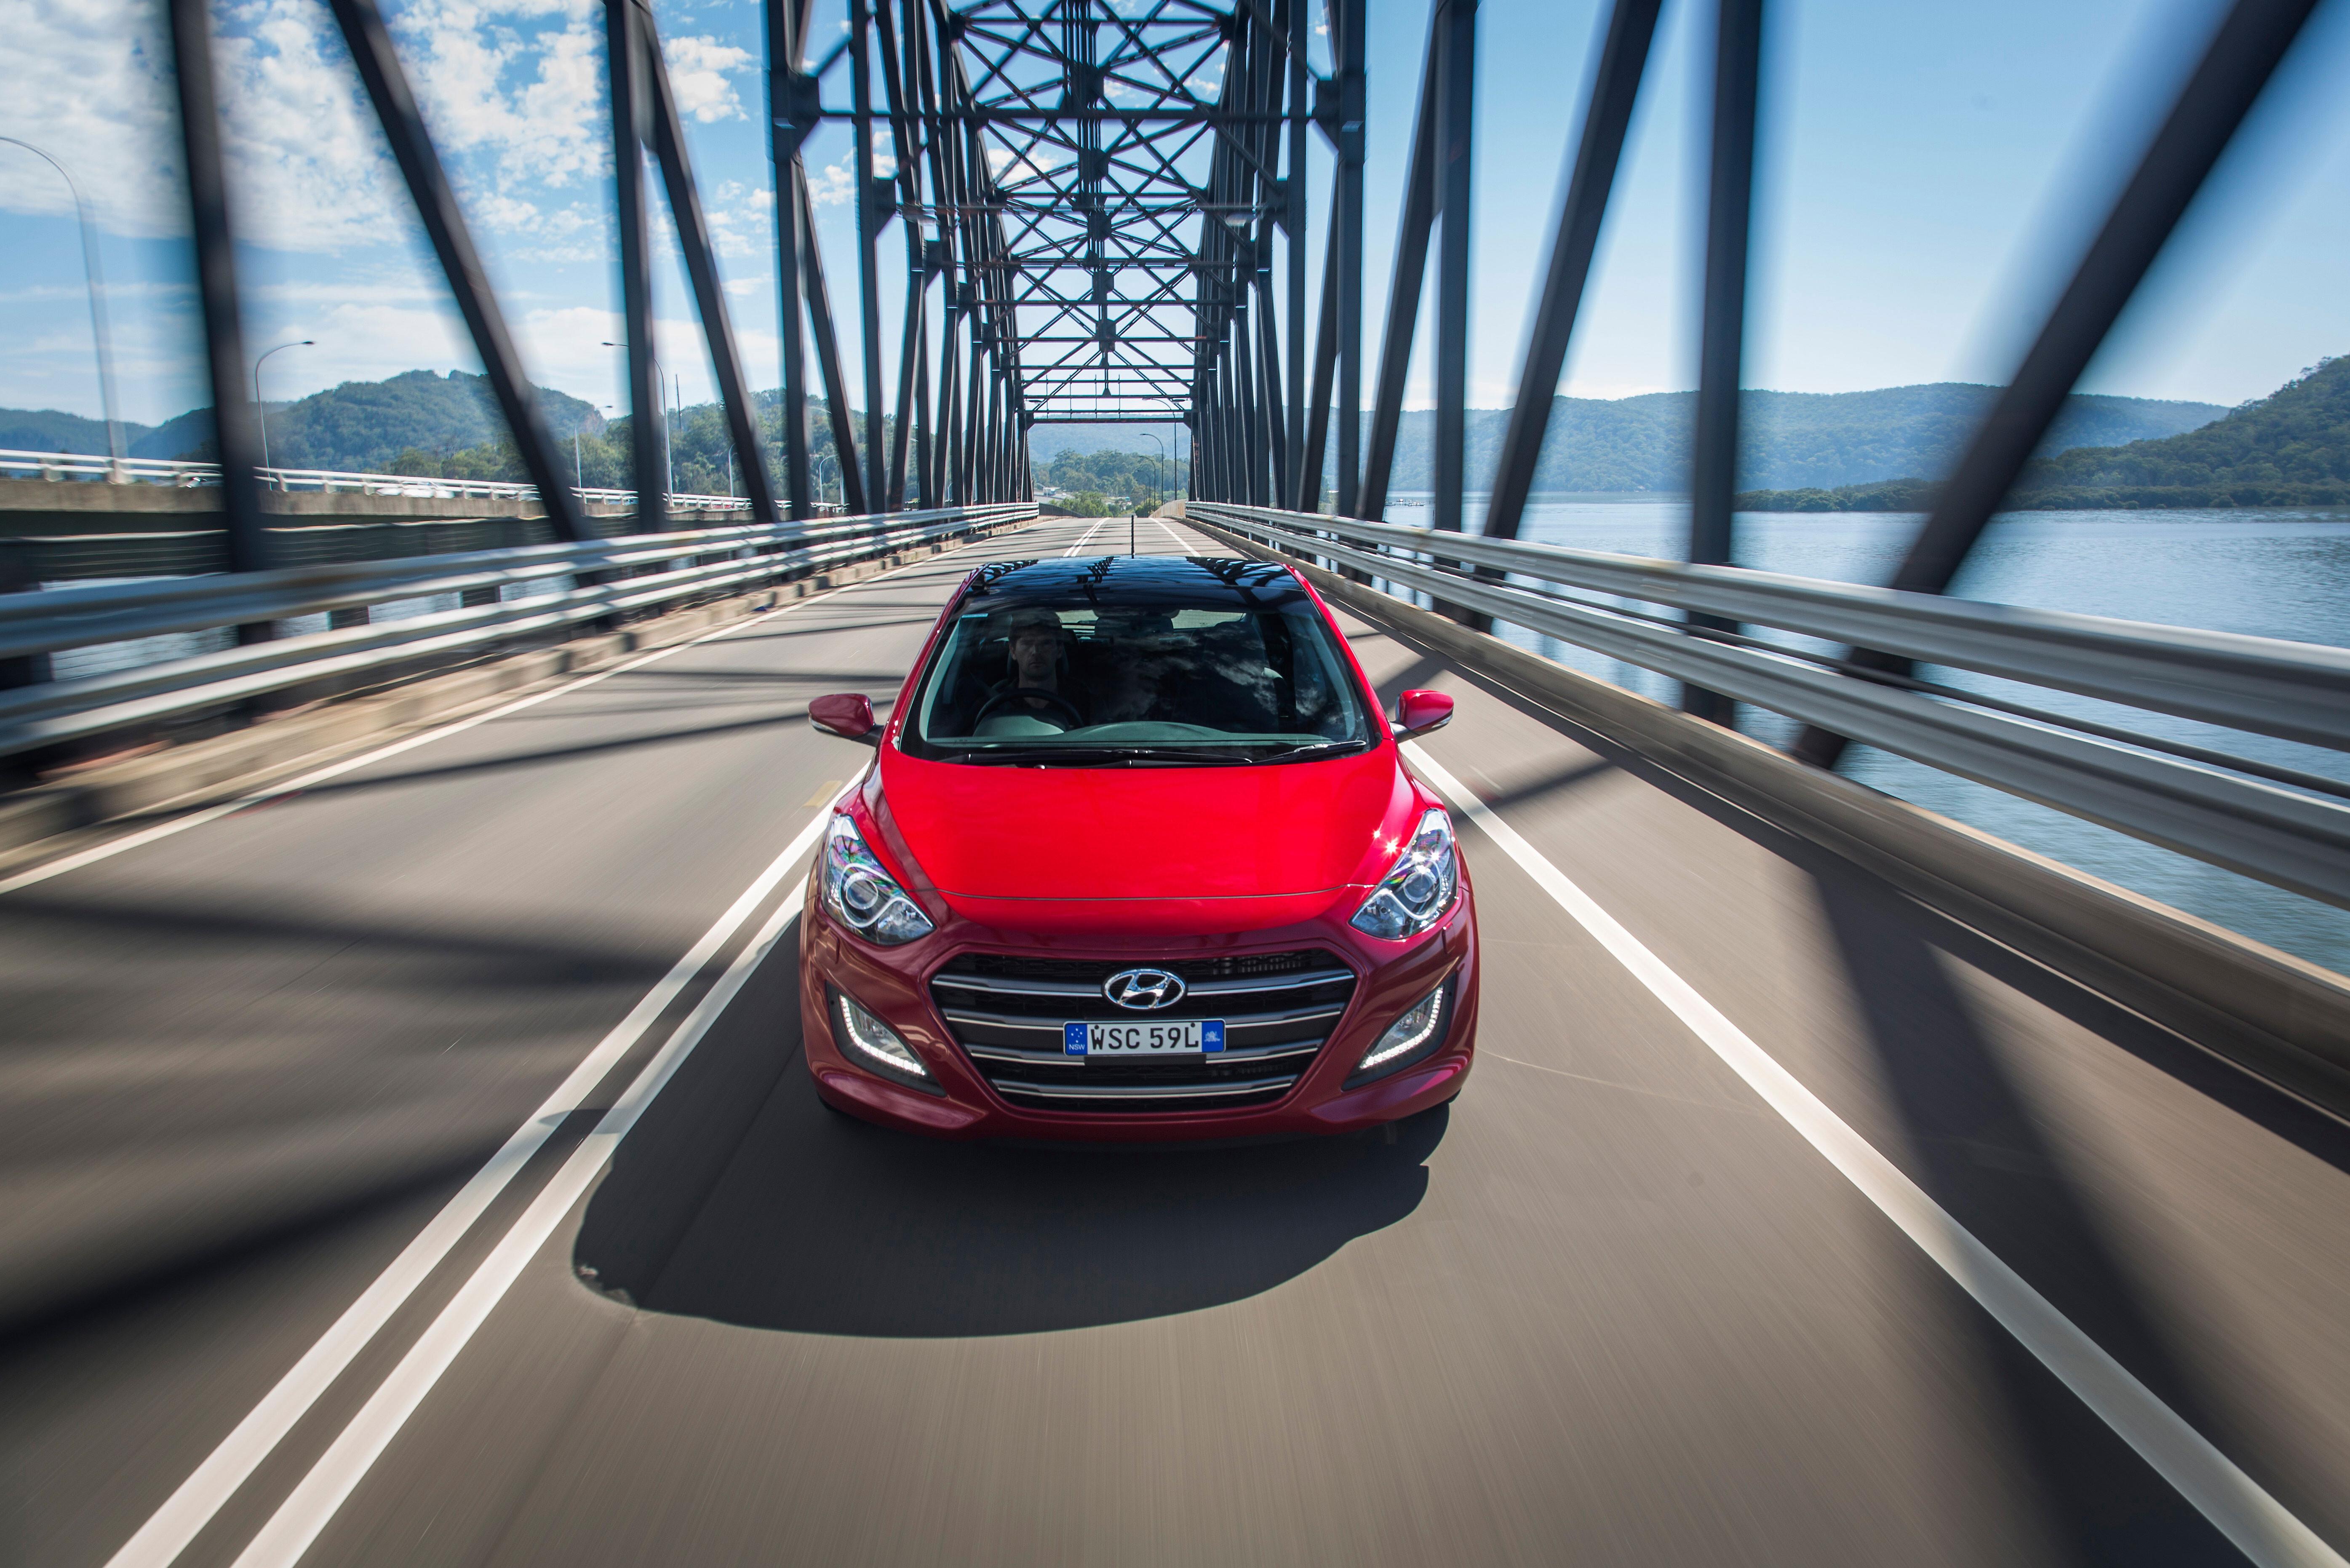 2015_Hyundai _i 30_review _11